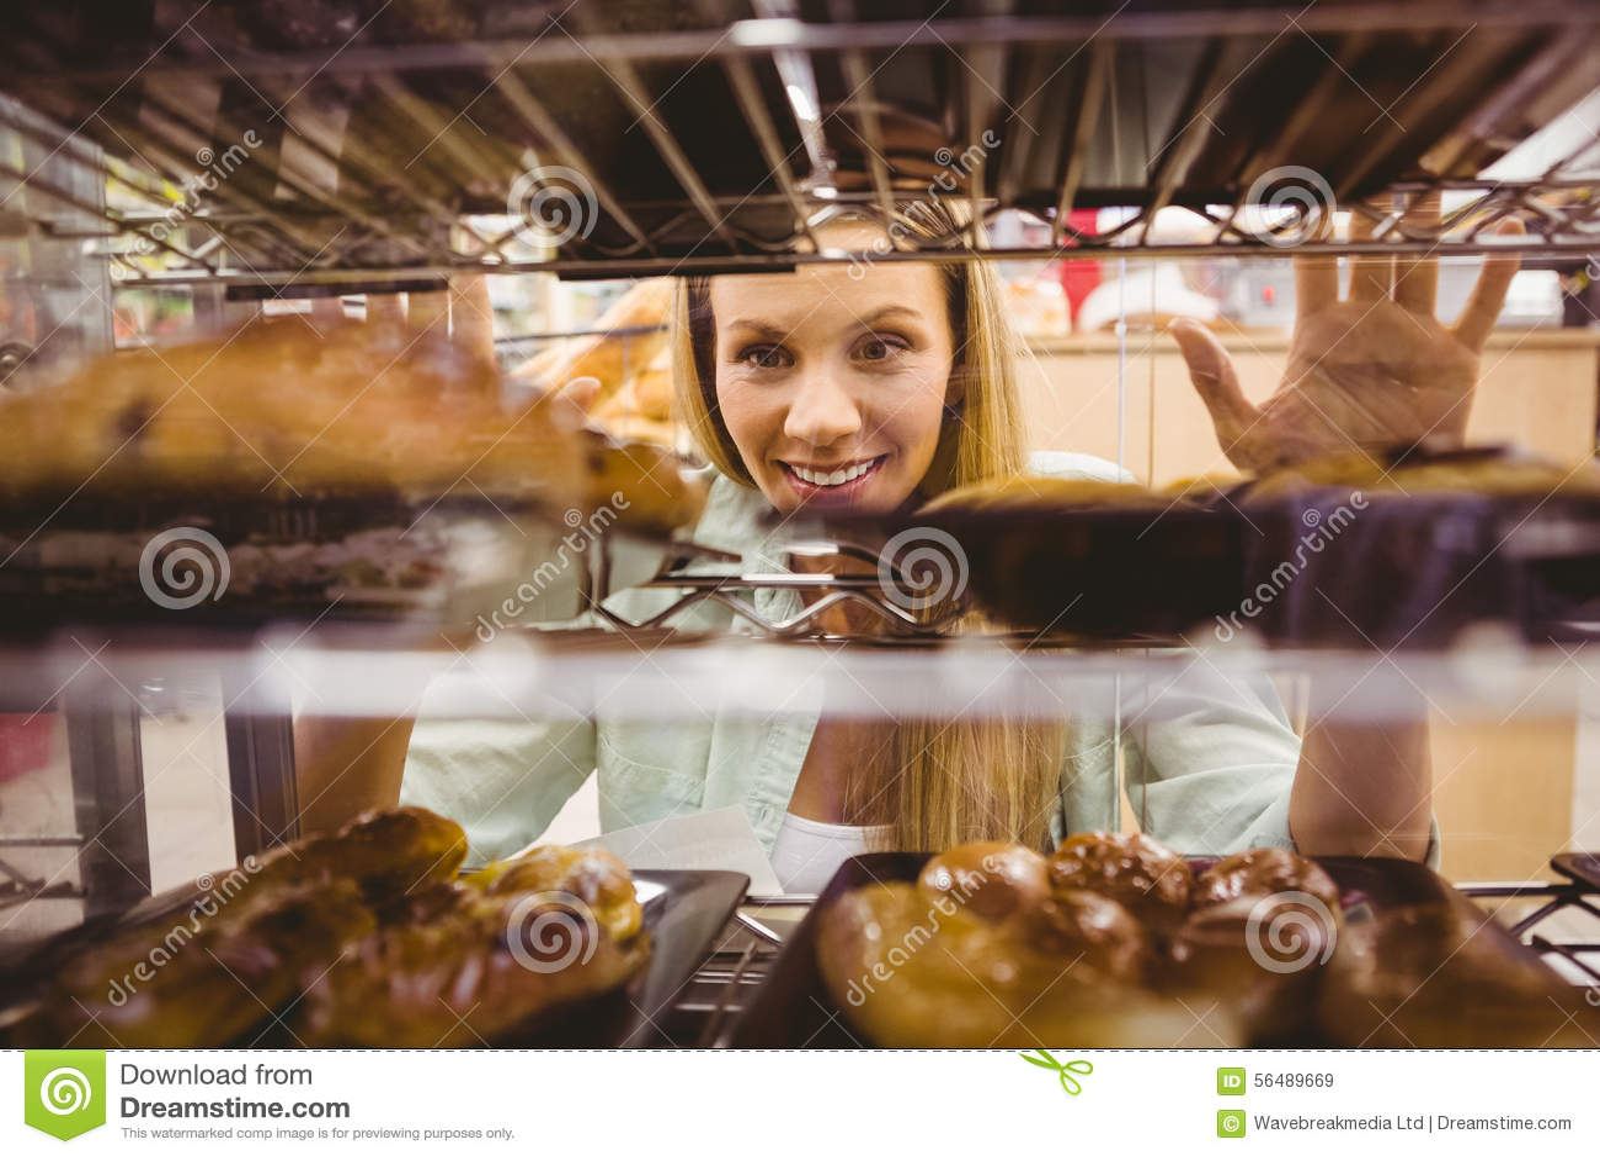 Portrait d une femme regardant de nouveaux plats avec des pâtisseries